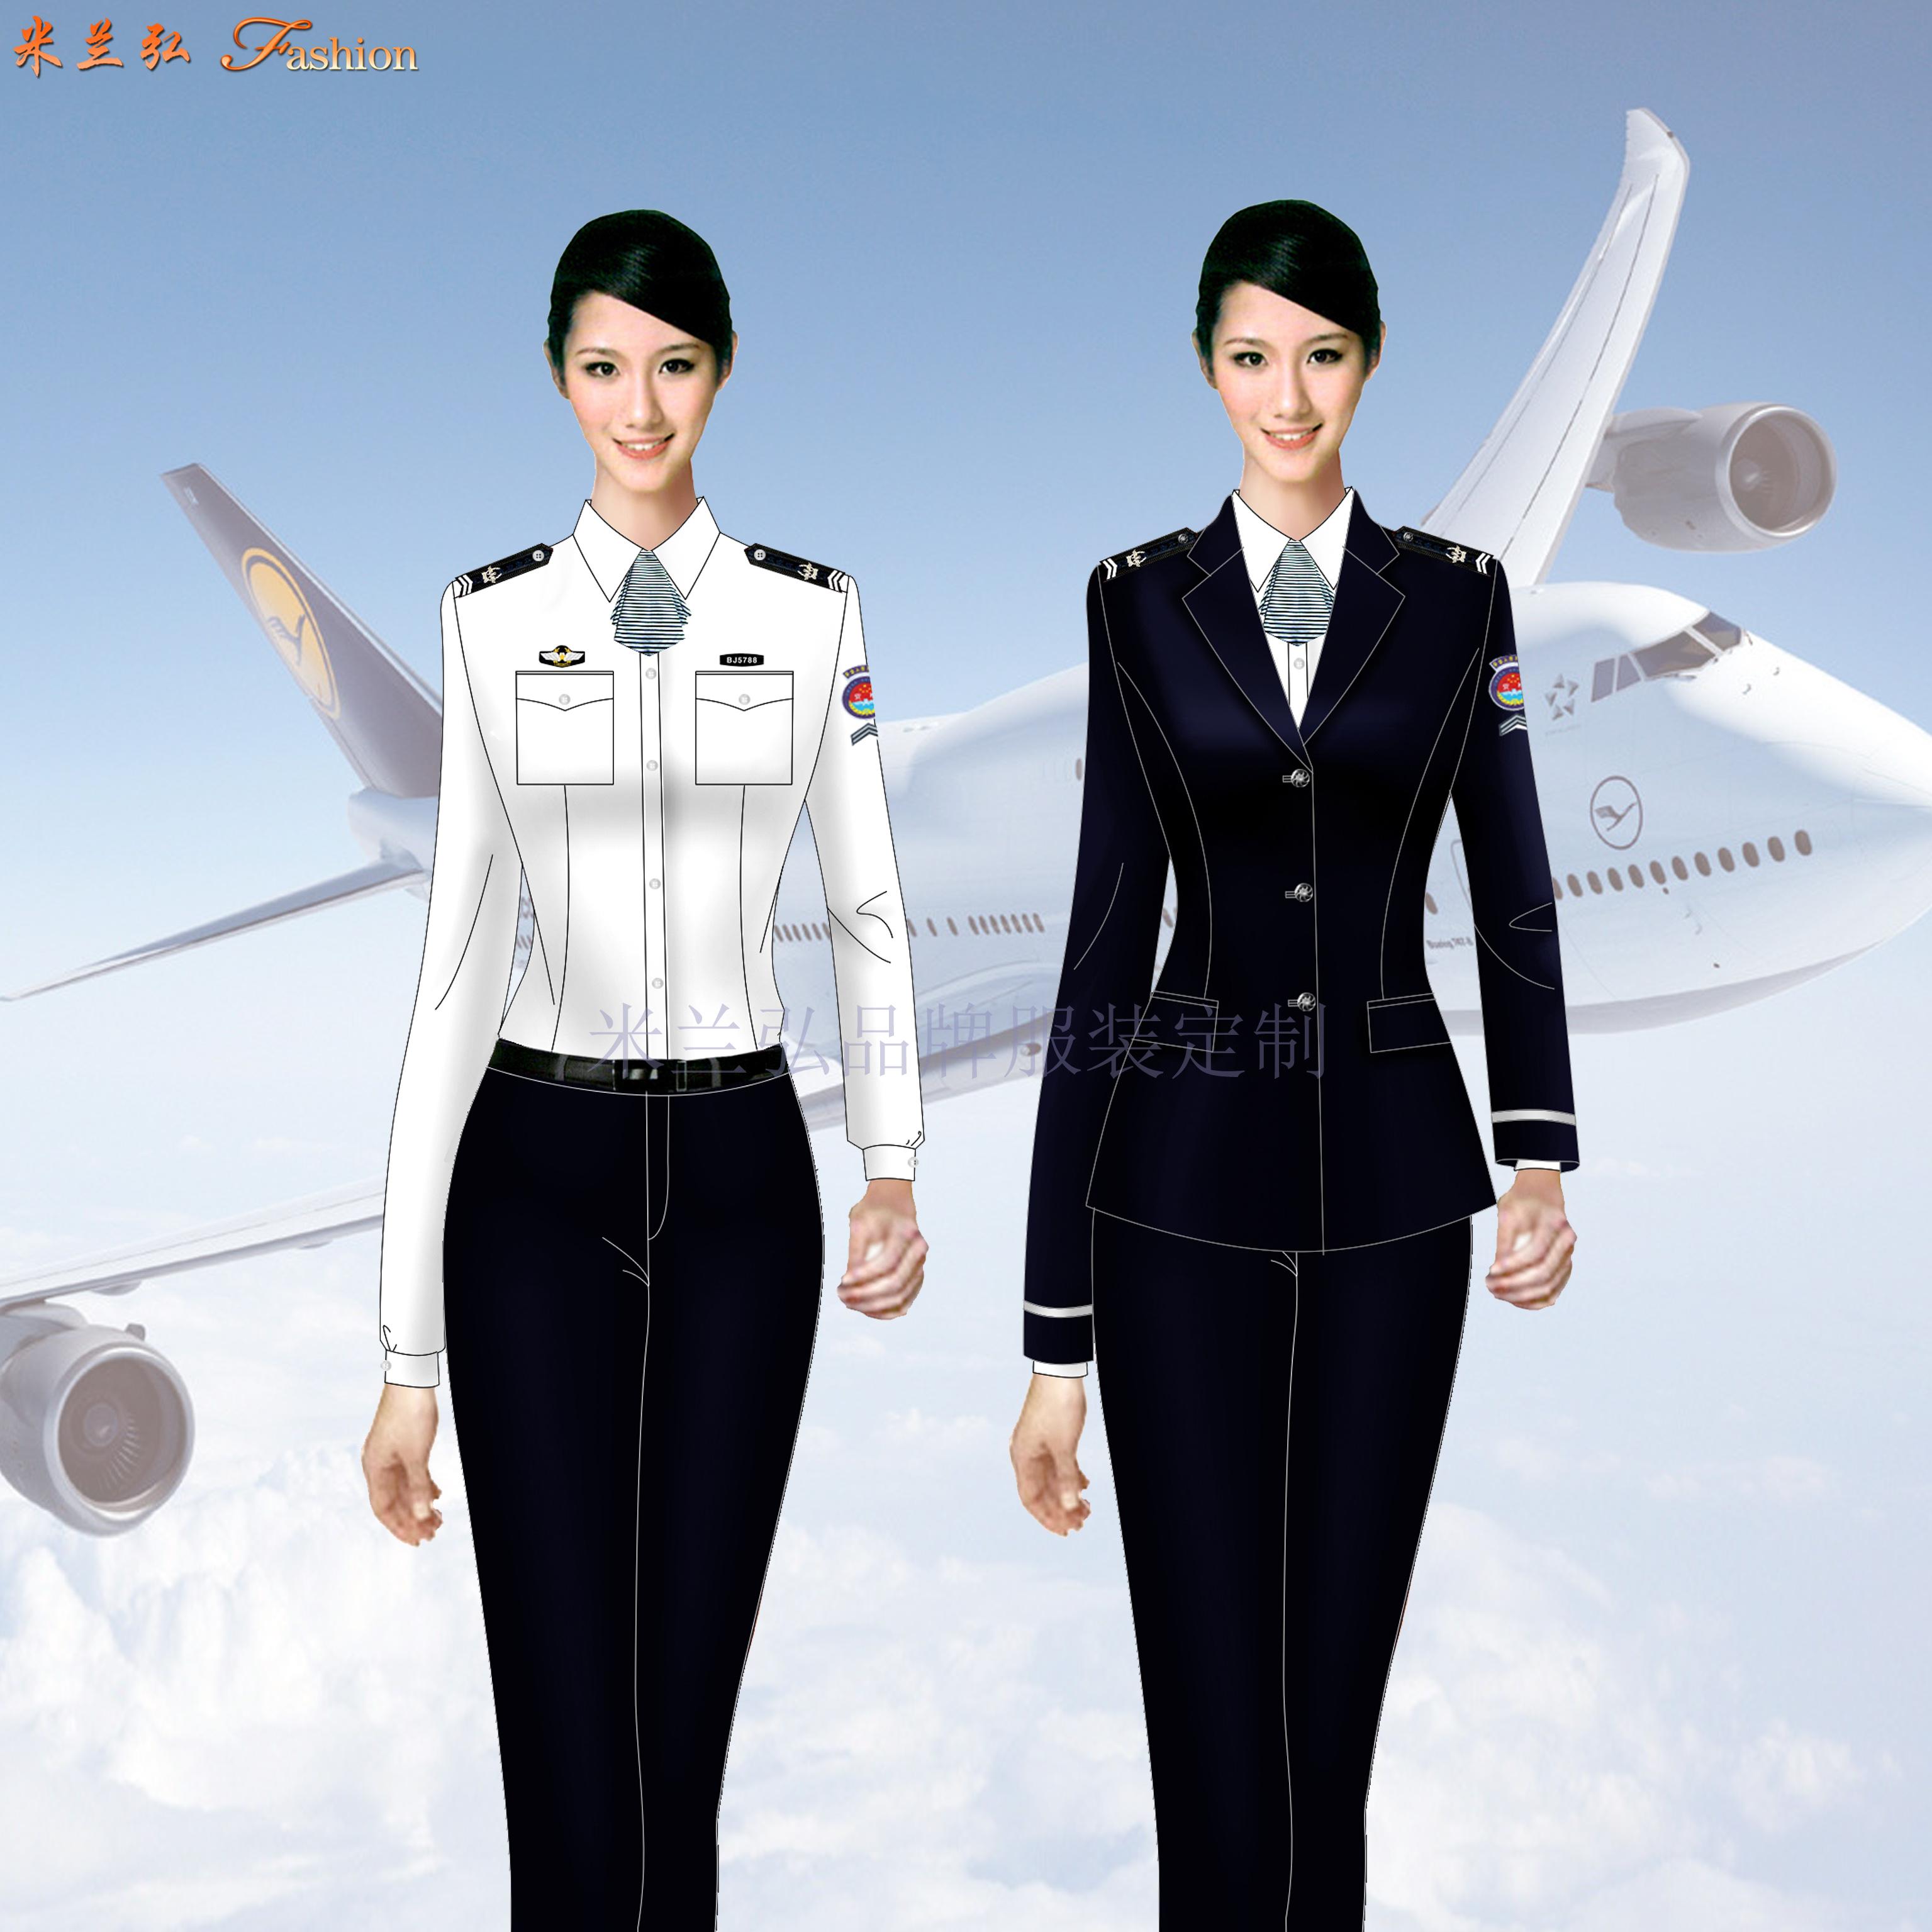 「機場10CA式安檢服定制」圖片_價格_面料_方法_廠家-3